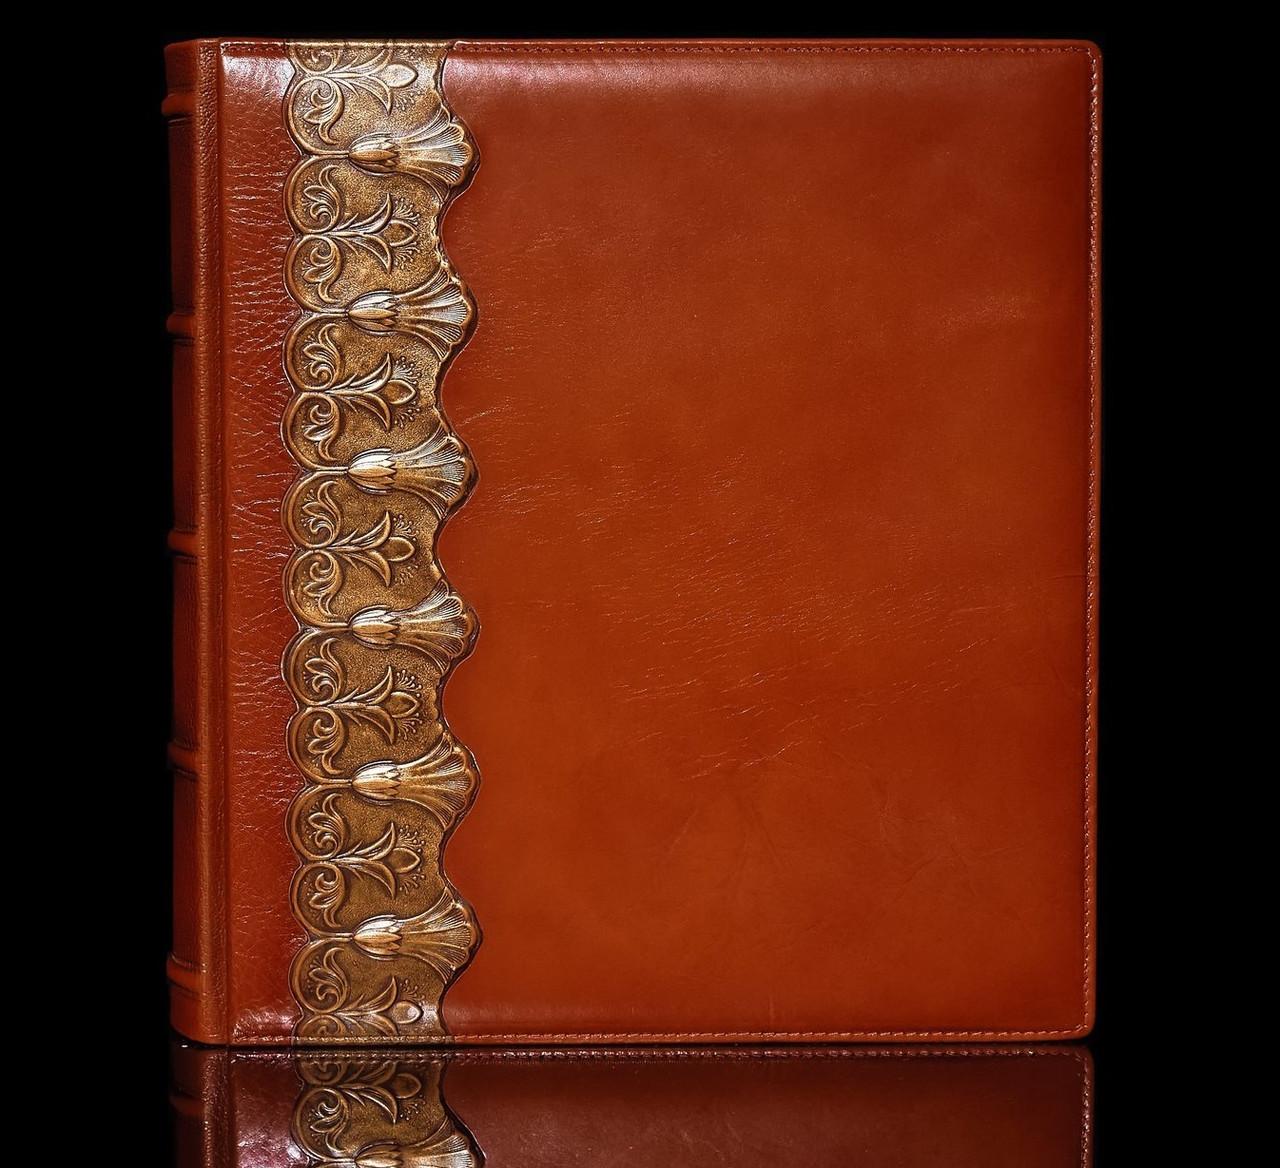 """Фотоальбом в кожаном переплете с объемным тиснением и дизайнерскими листами """"Лотос"""". Цвет коричневый"""